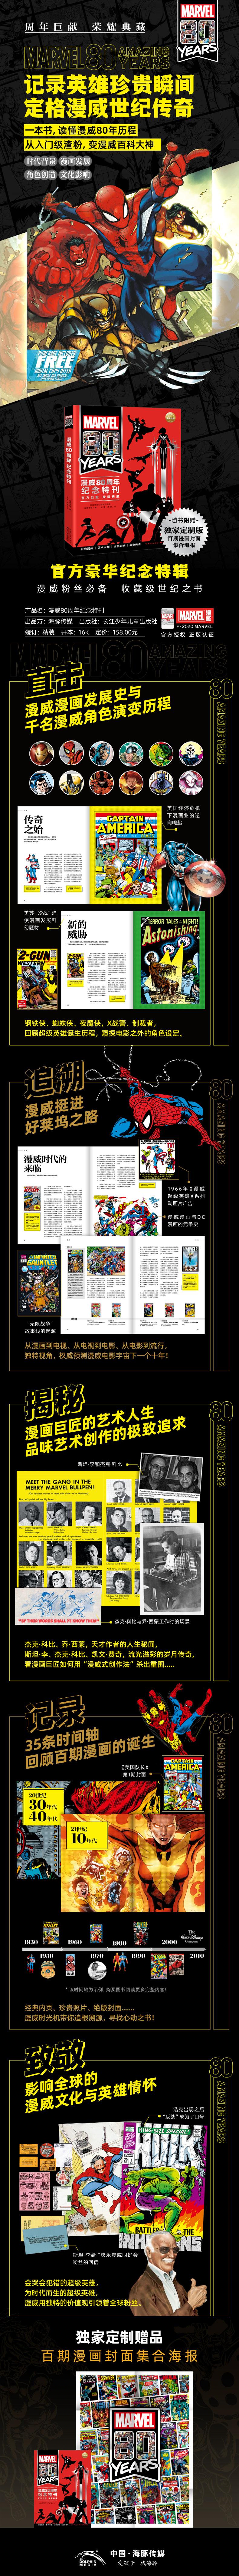 漫威80周年纪念特刊(详情页)790